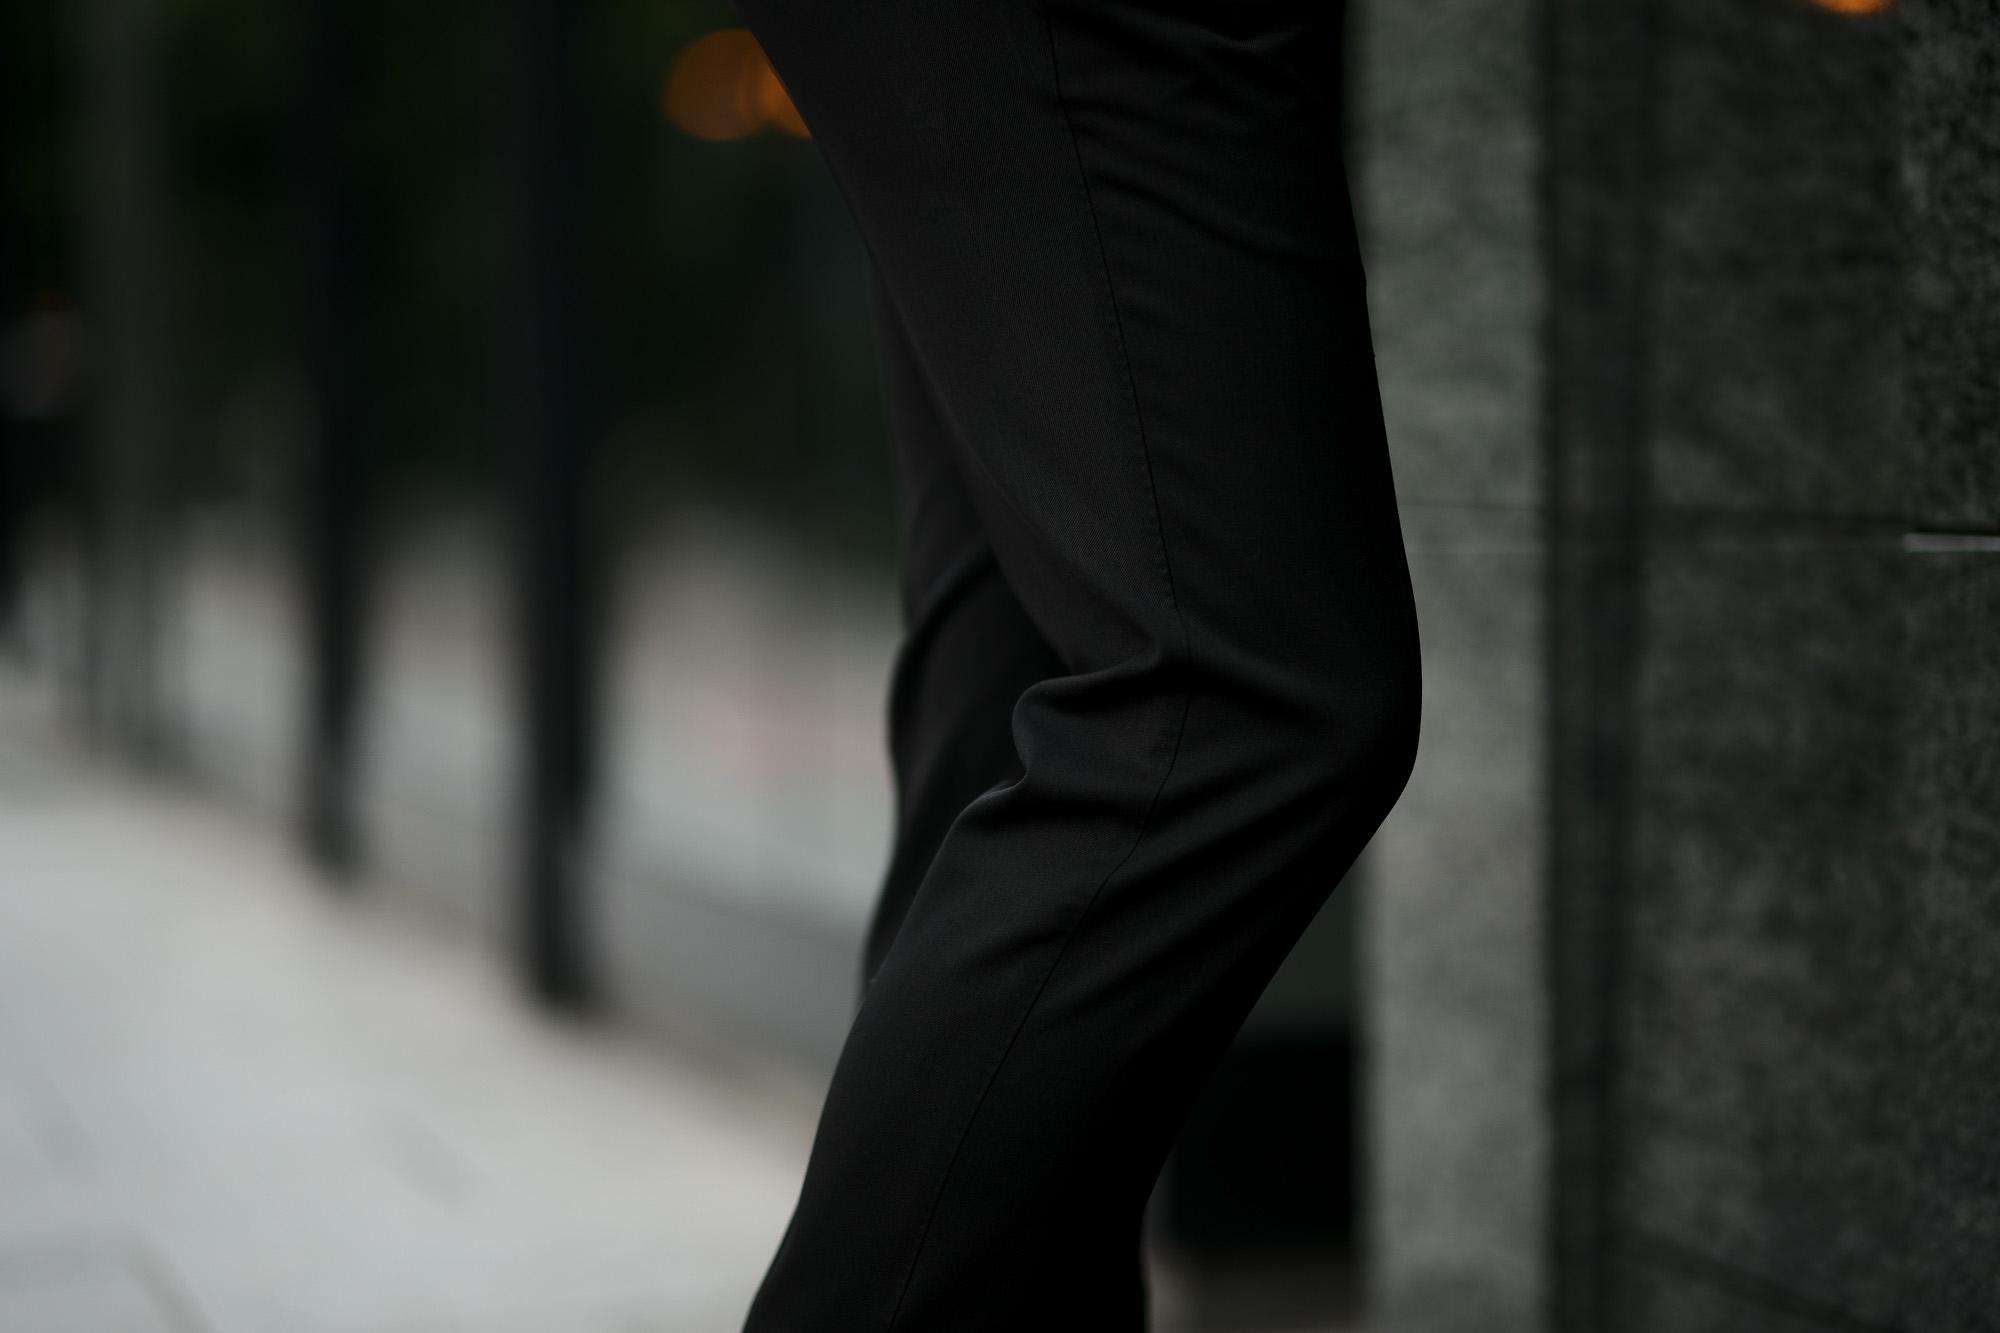 PT TORINO(ピーティートリノ) TRAVELLER (トラベラー) SUPER SLIM FIT (スーパースリムフィット) WASHABLE TECHNO WOOL ストレッチ テクノ ウォッシャブル サージ ウール スラックス BLACK (ブラック・0990) 2020 秋冬新作 愛知 名古屋 altoediritto アルトエデリット